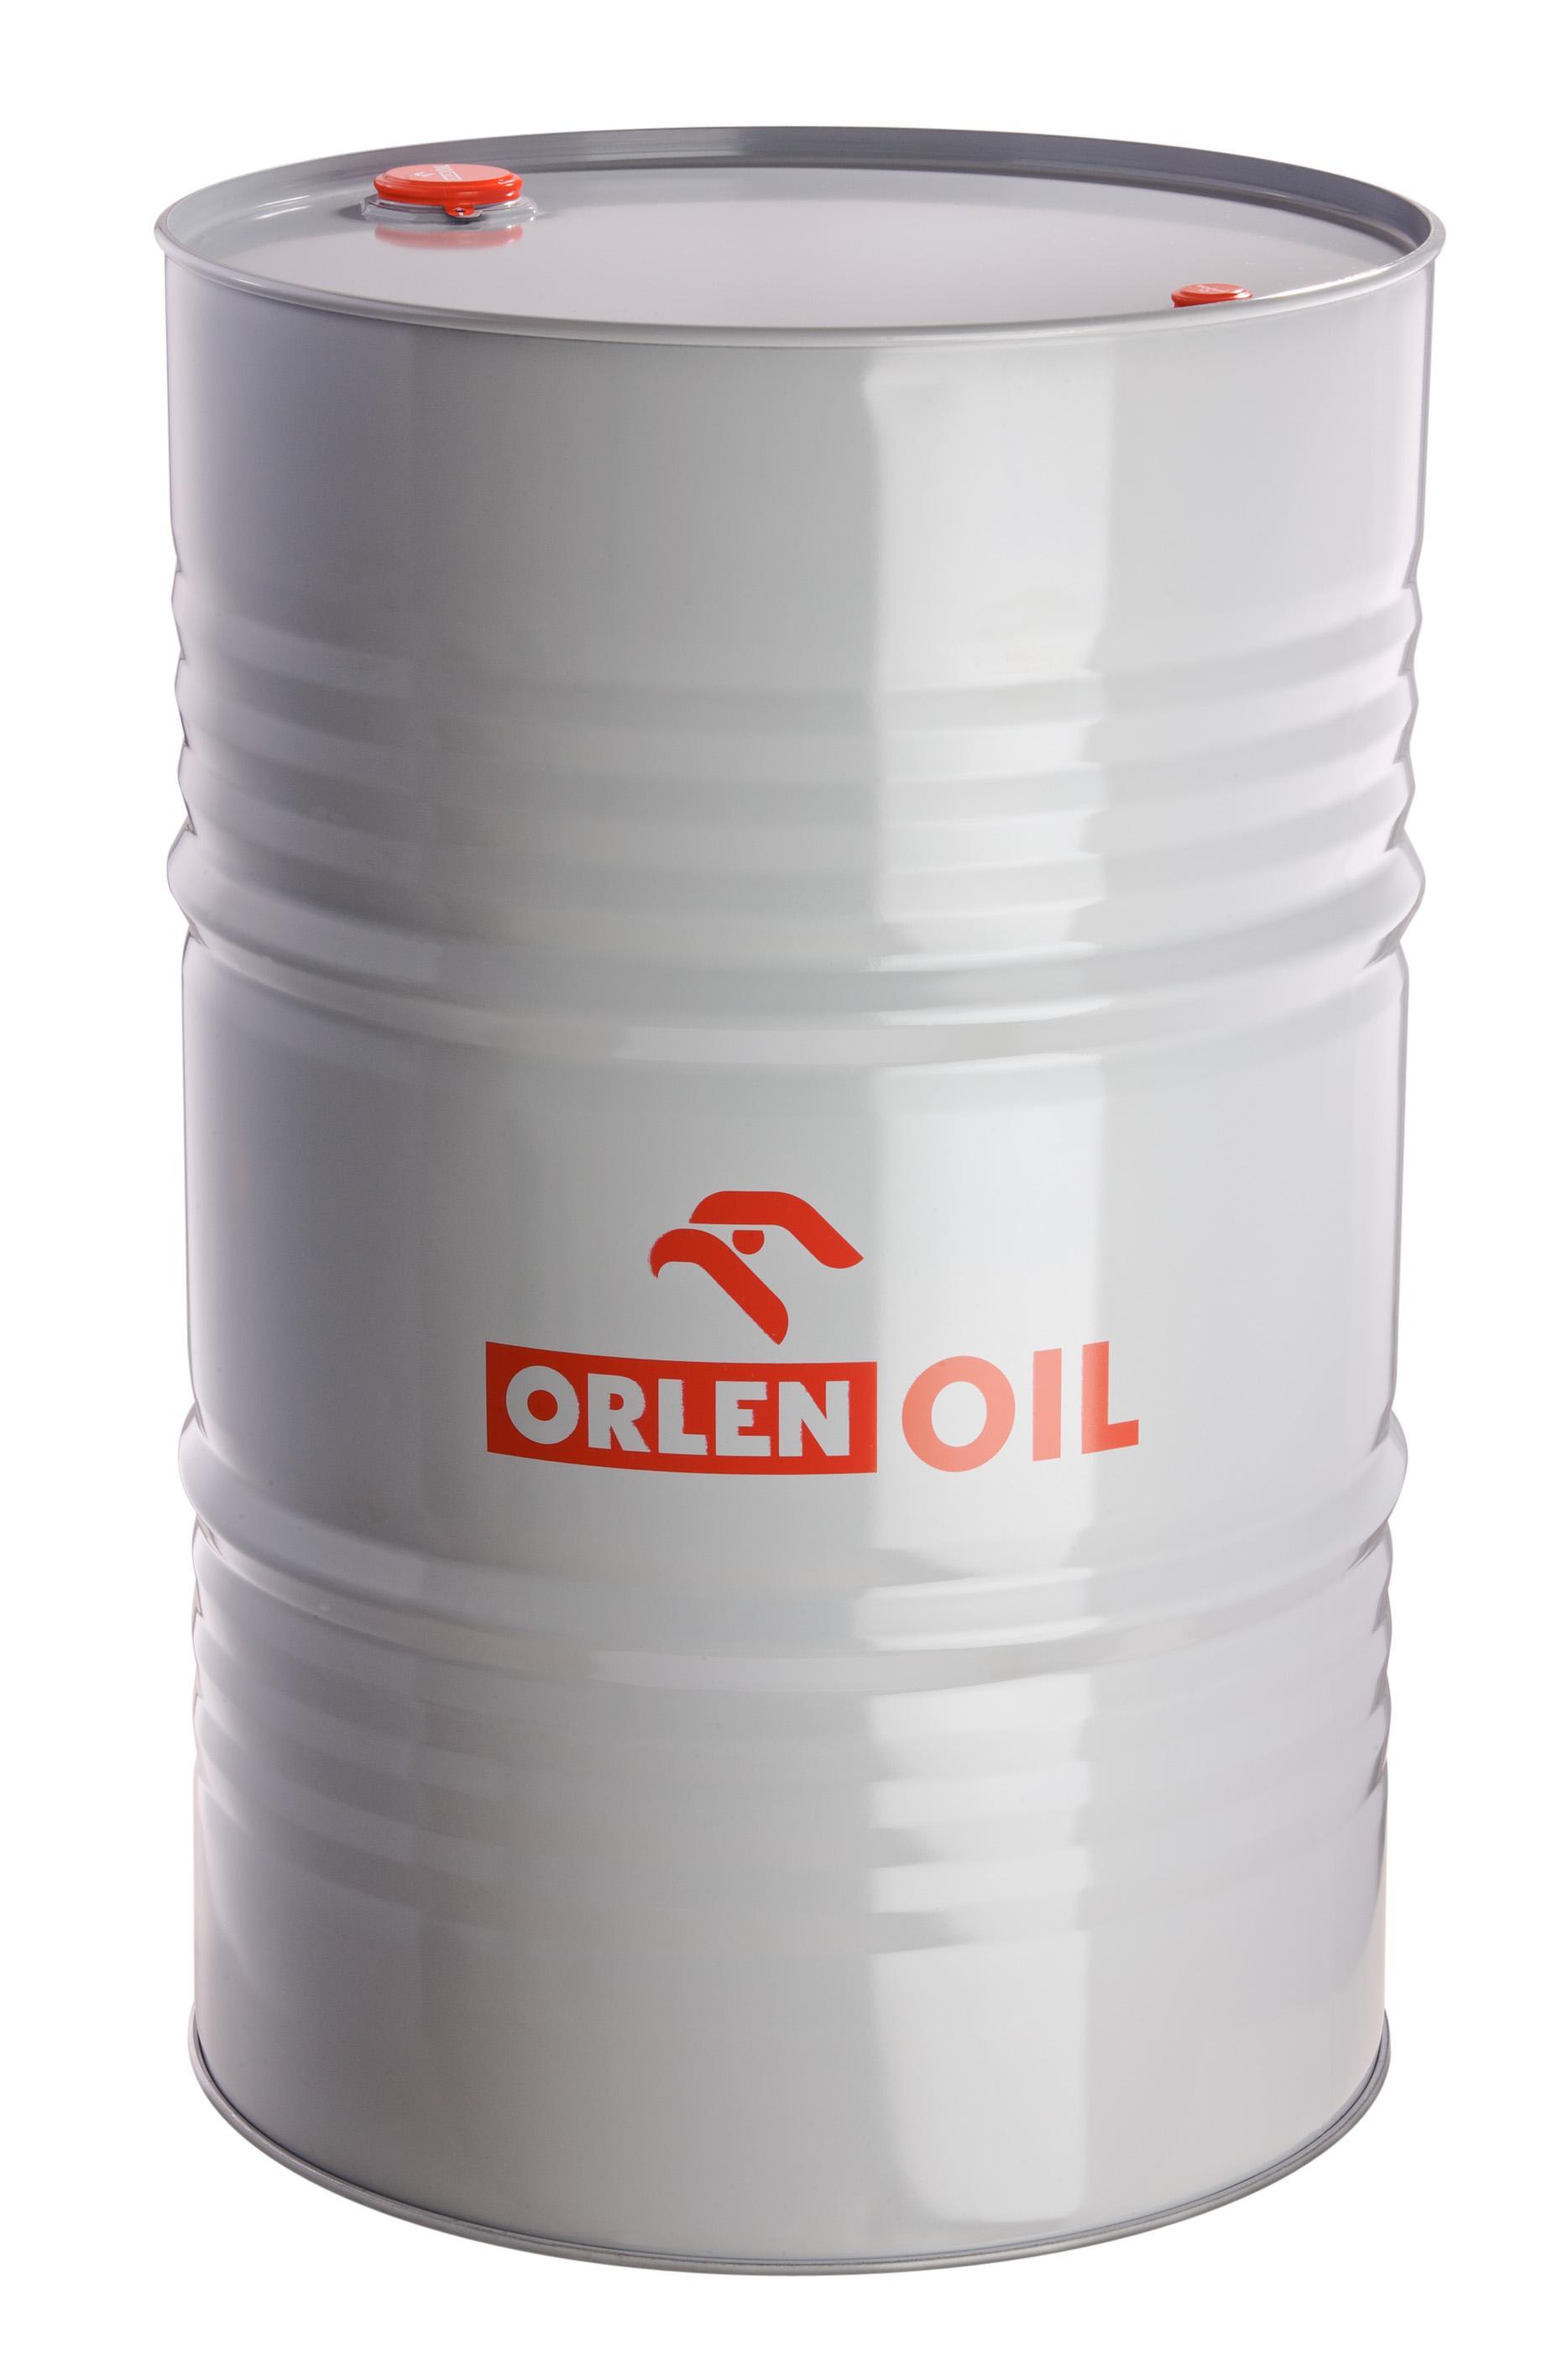 ORLEN OIL OLEJ TURBINOWY T-30    BECZKA 205L **